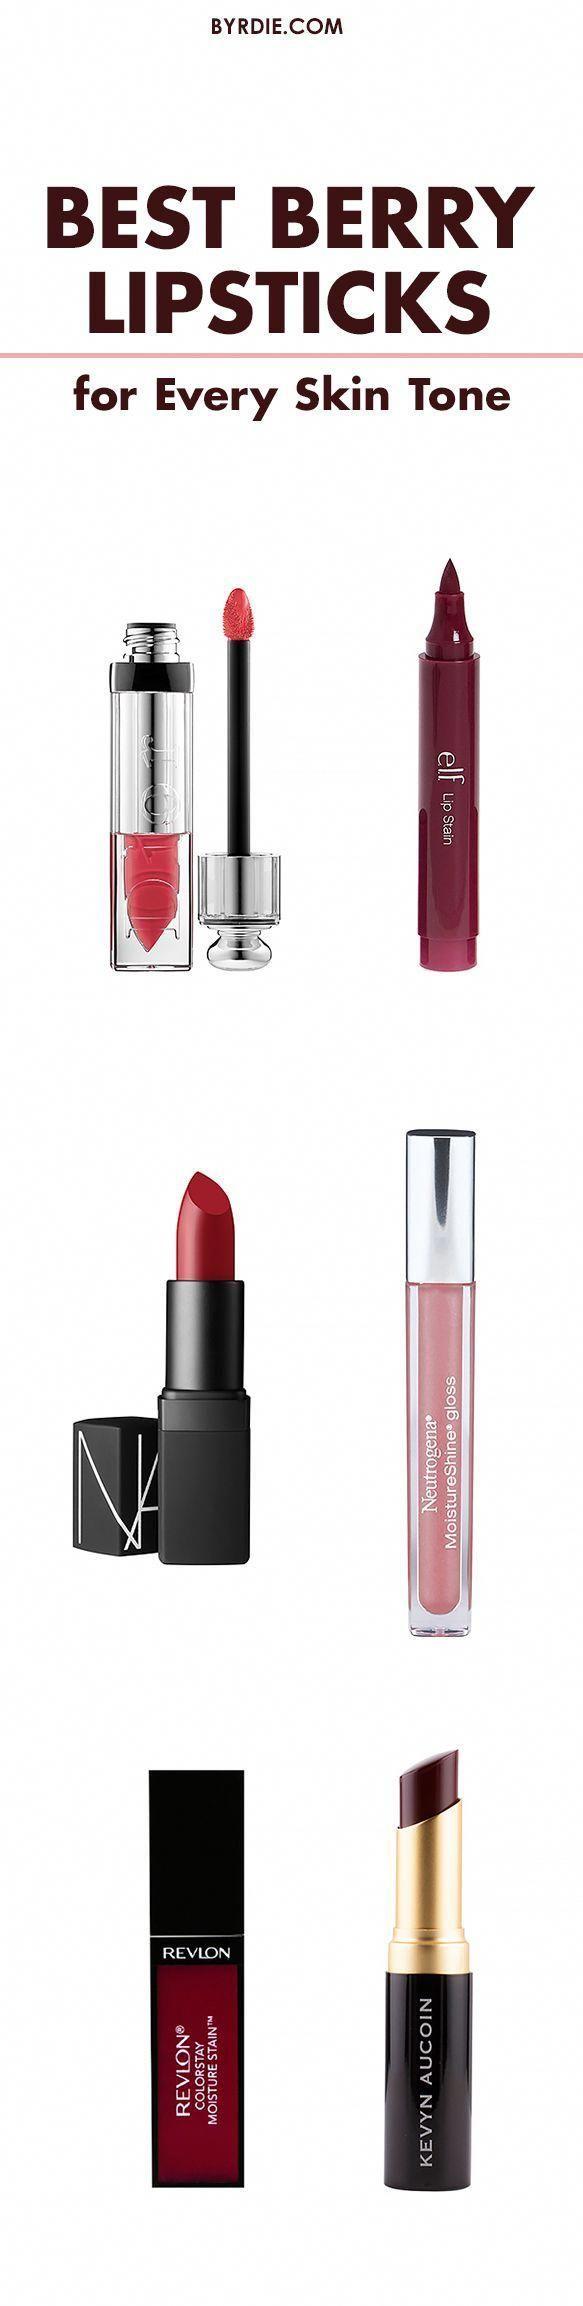 Beste Lippenstifte für helle Haut - Gorgeous Lipsticks - ... Beste Lippenstifte für helle Haut -